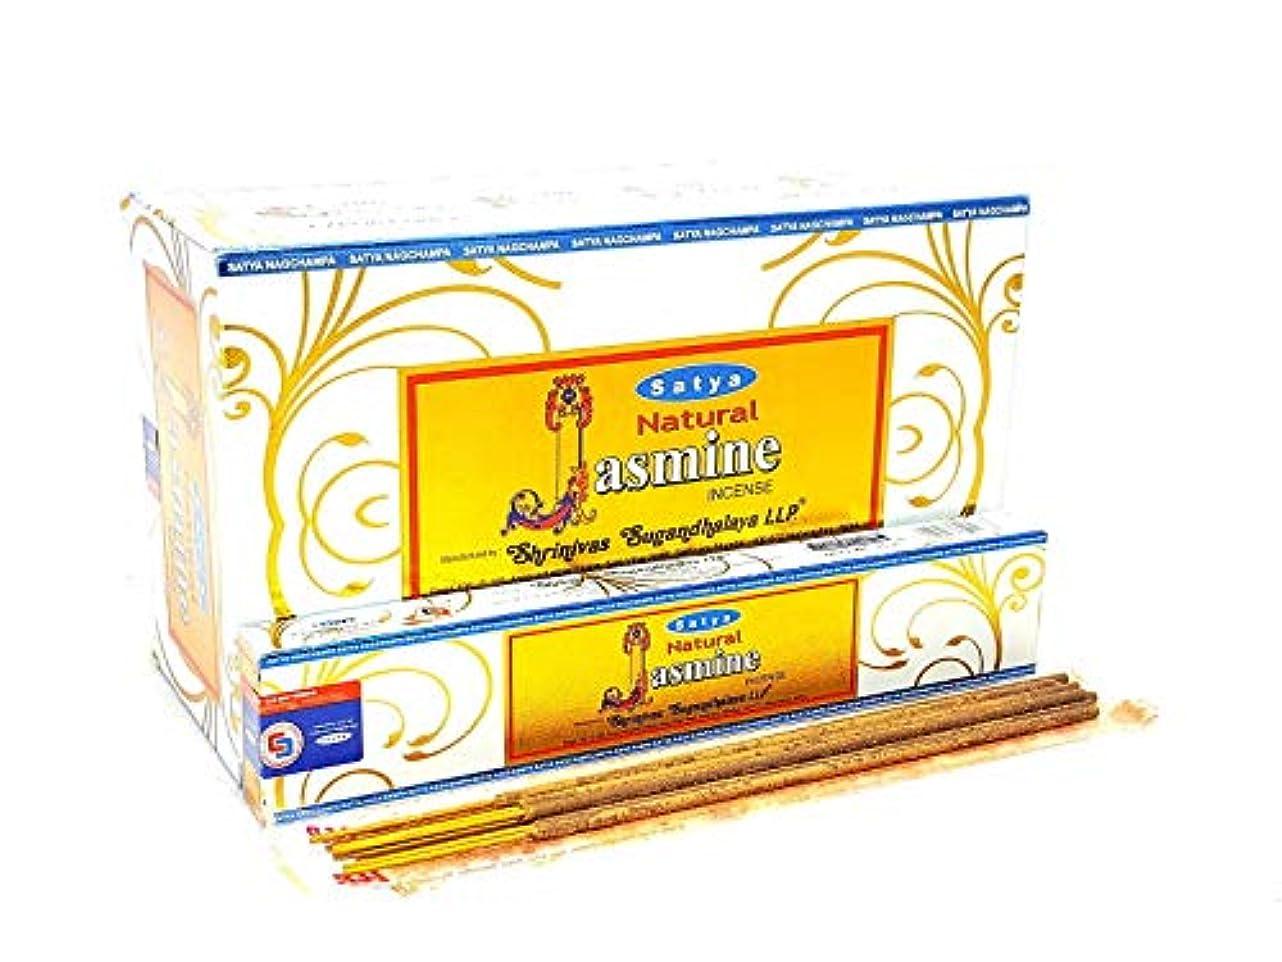 アトム透けて見える探偵Satya 天然ジャスミンお香スティック アガーバッティ 15グラム x 12パック 180グラムの箱 輸出品質